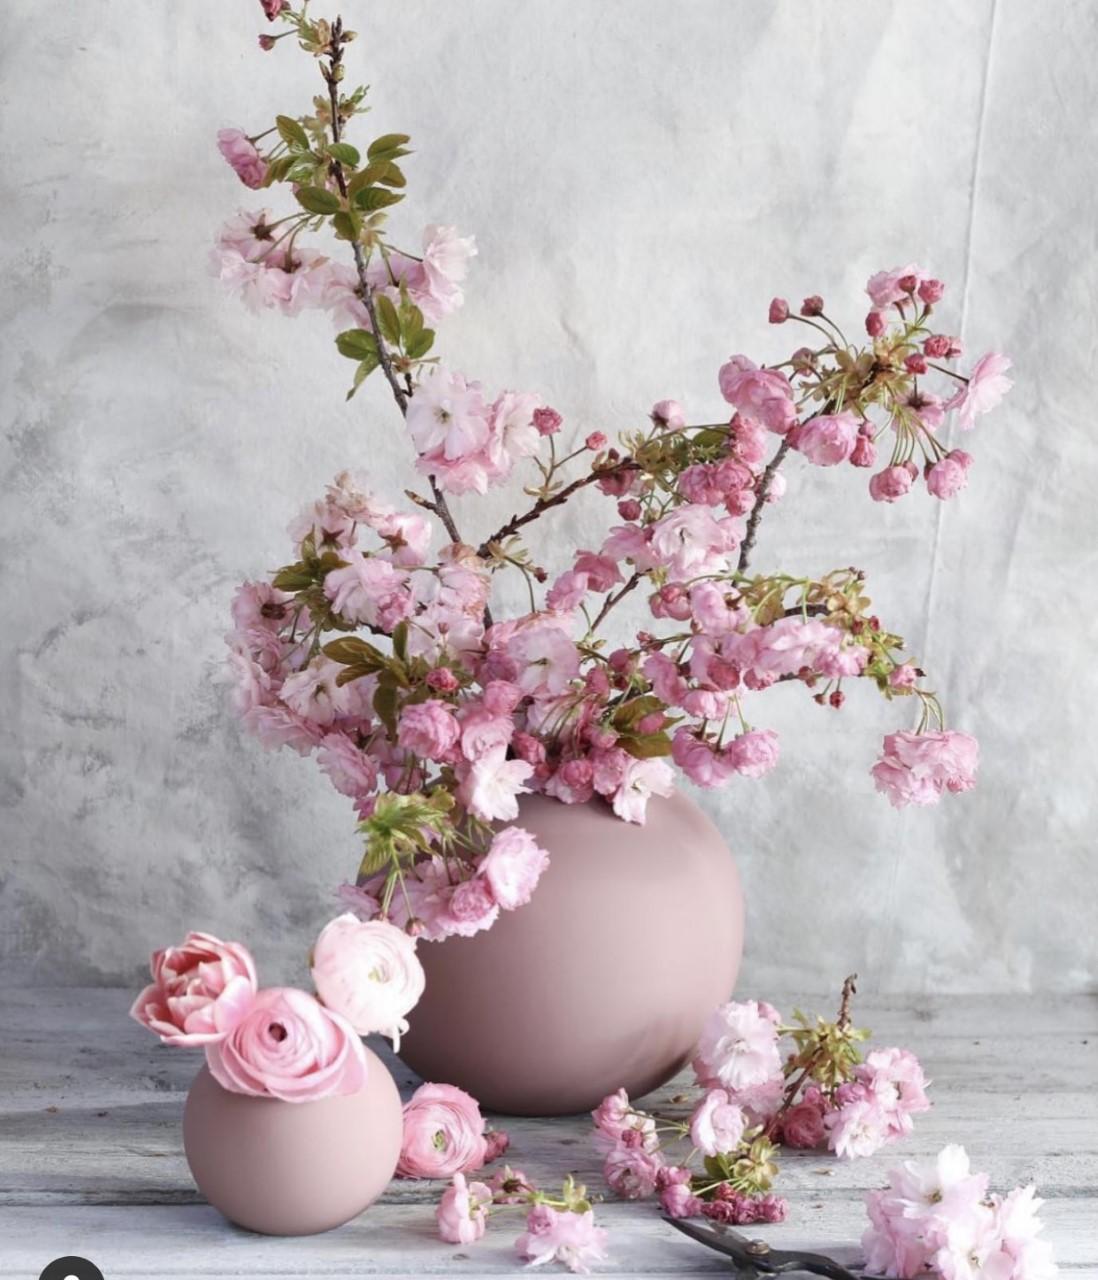 Cooee Ballvase 10cm Cinder rose